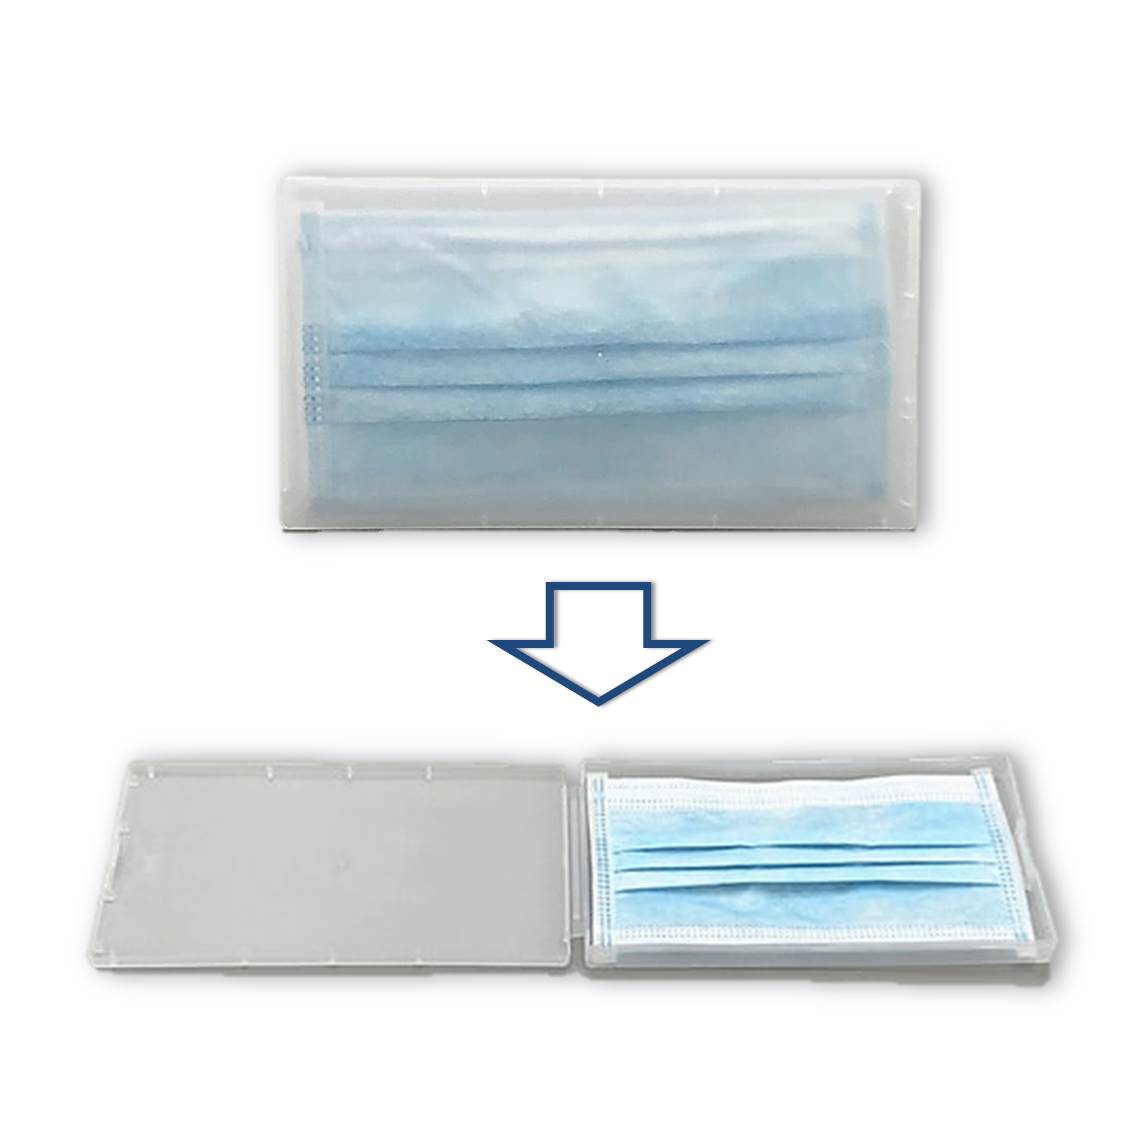 Plastic口罩收納盒